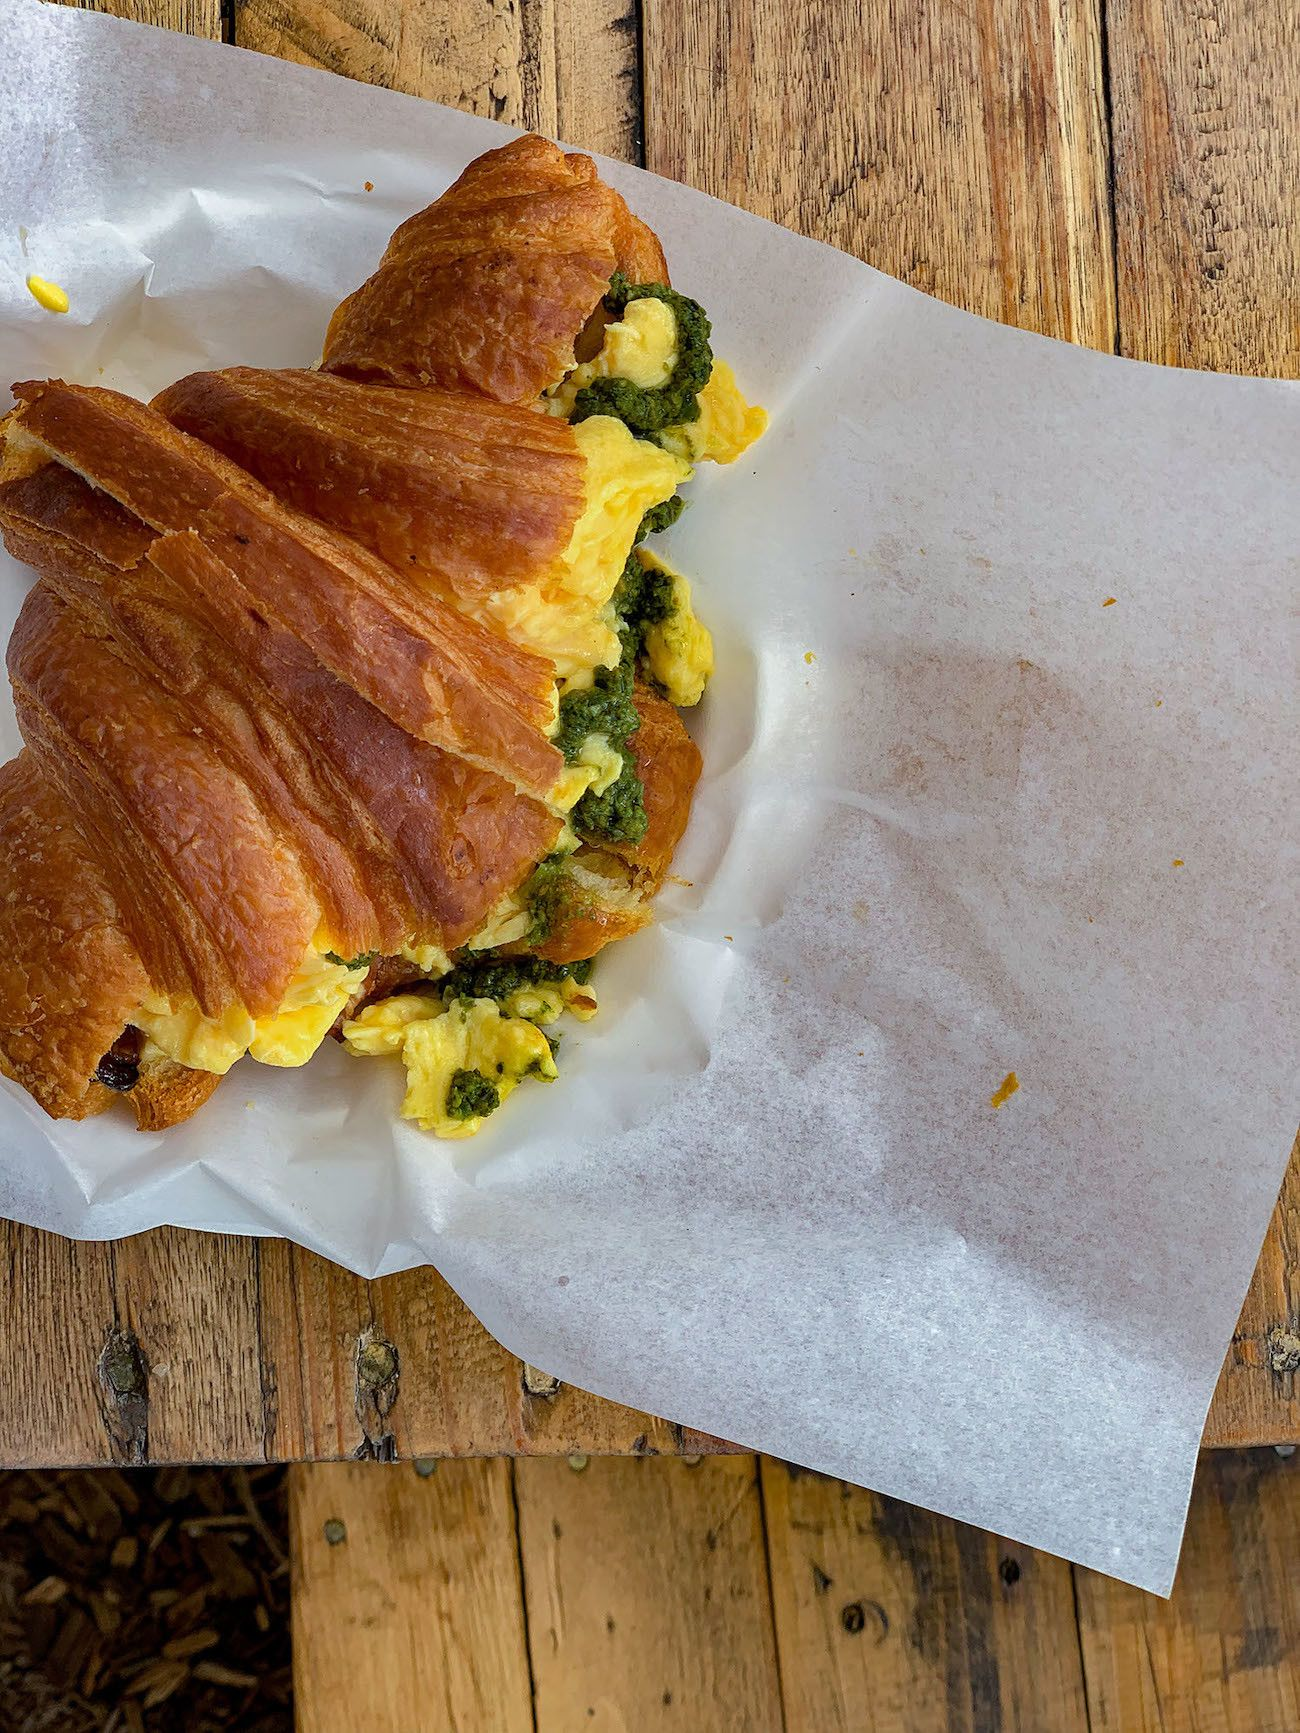 Frühstücks - und Brunch Guide für Kapstadt, Oranjezicht City Farm Market, Egg Croissant